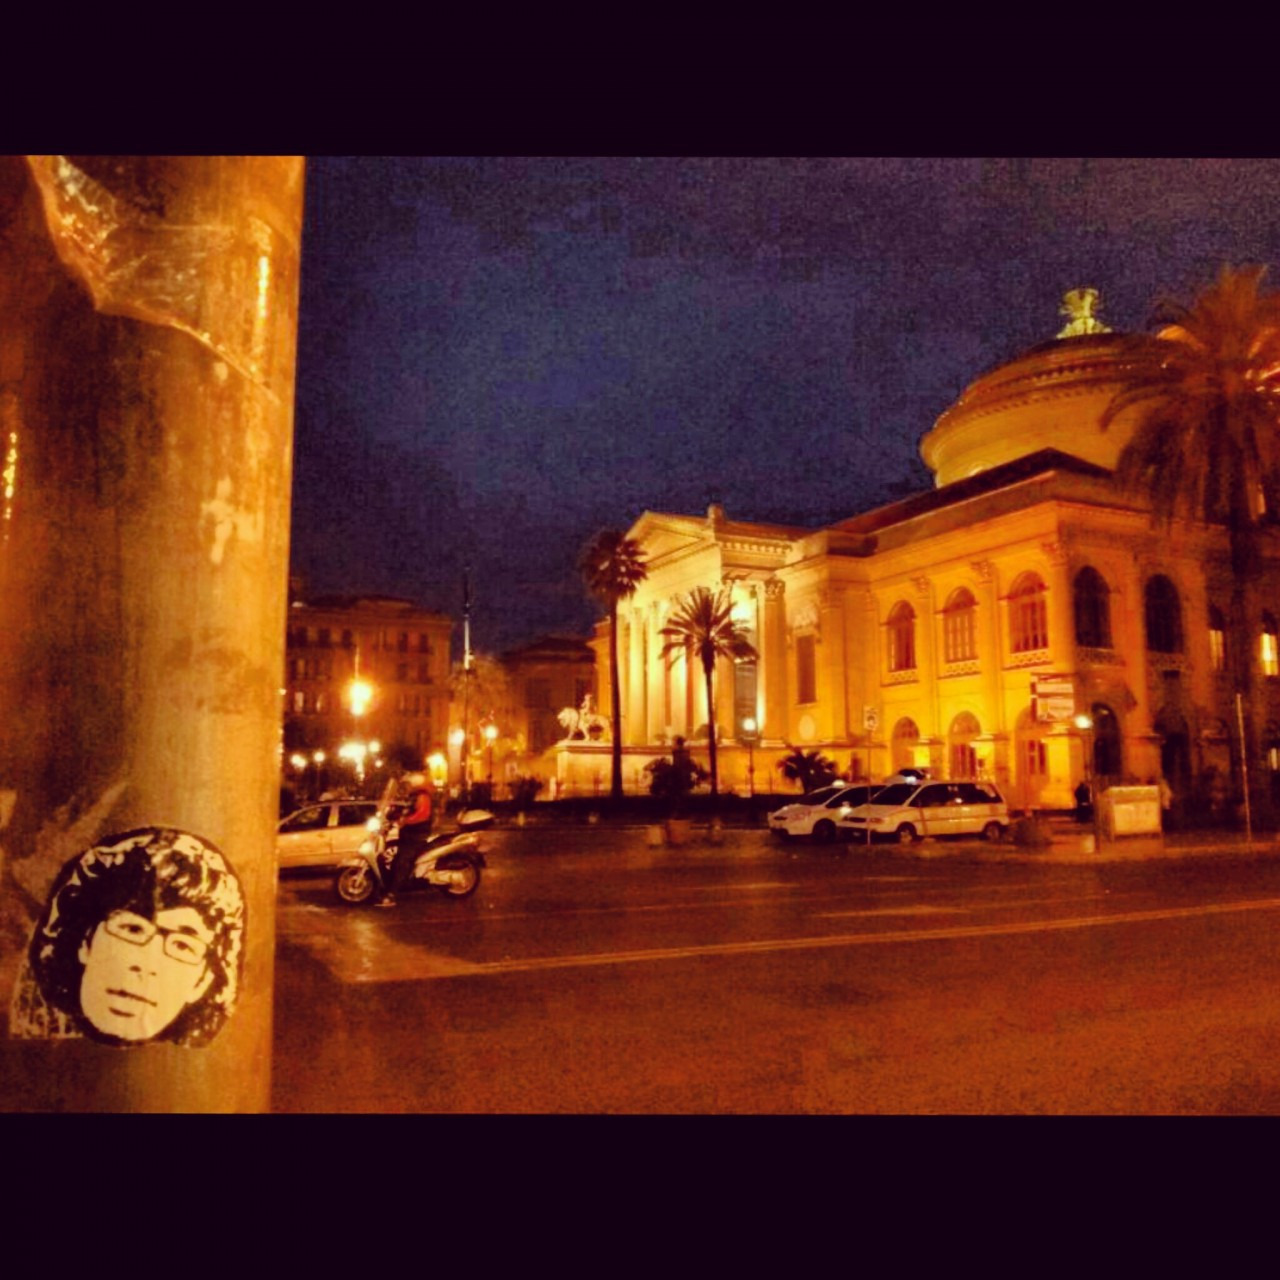 Peipegata sticker slap stickerart  bombardeando Palermo-Italia